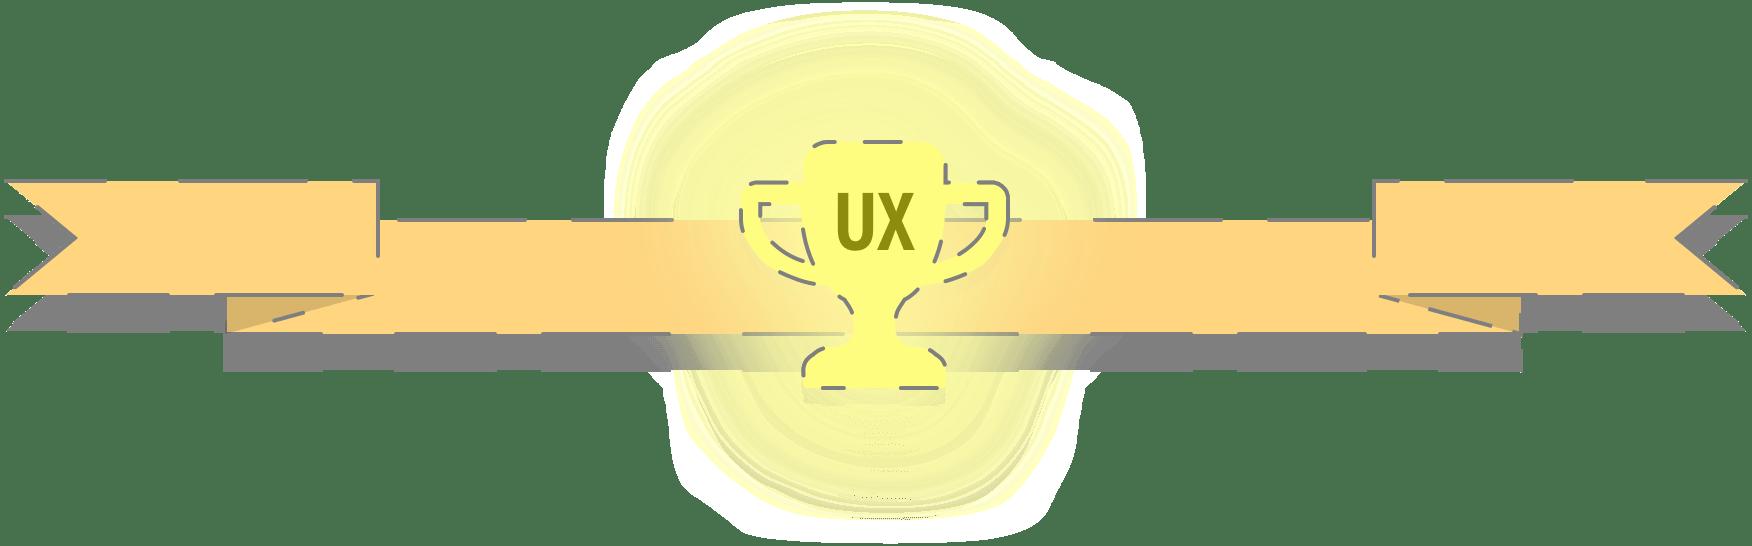 Glowing UX trophy